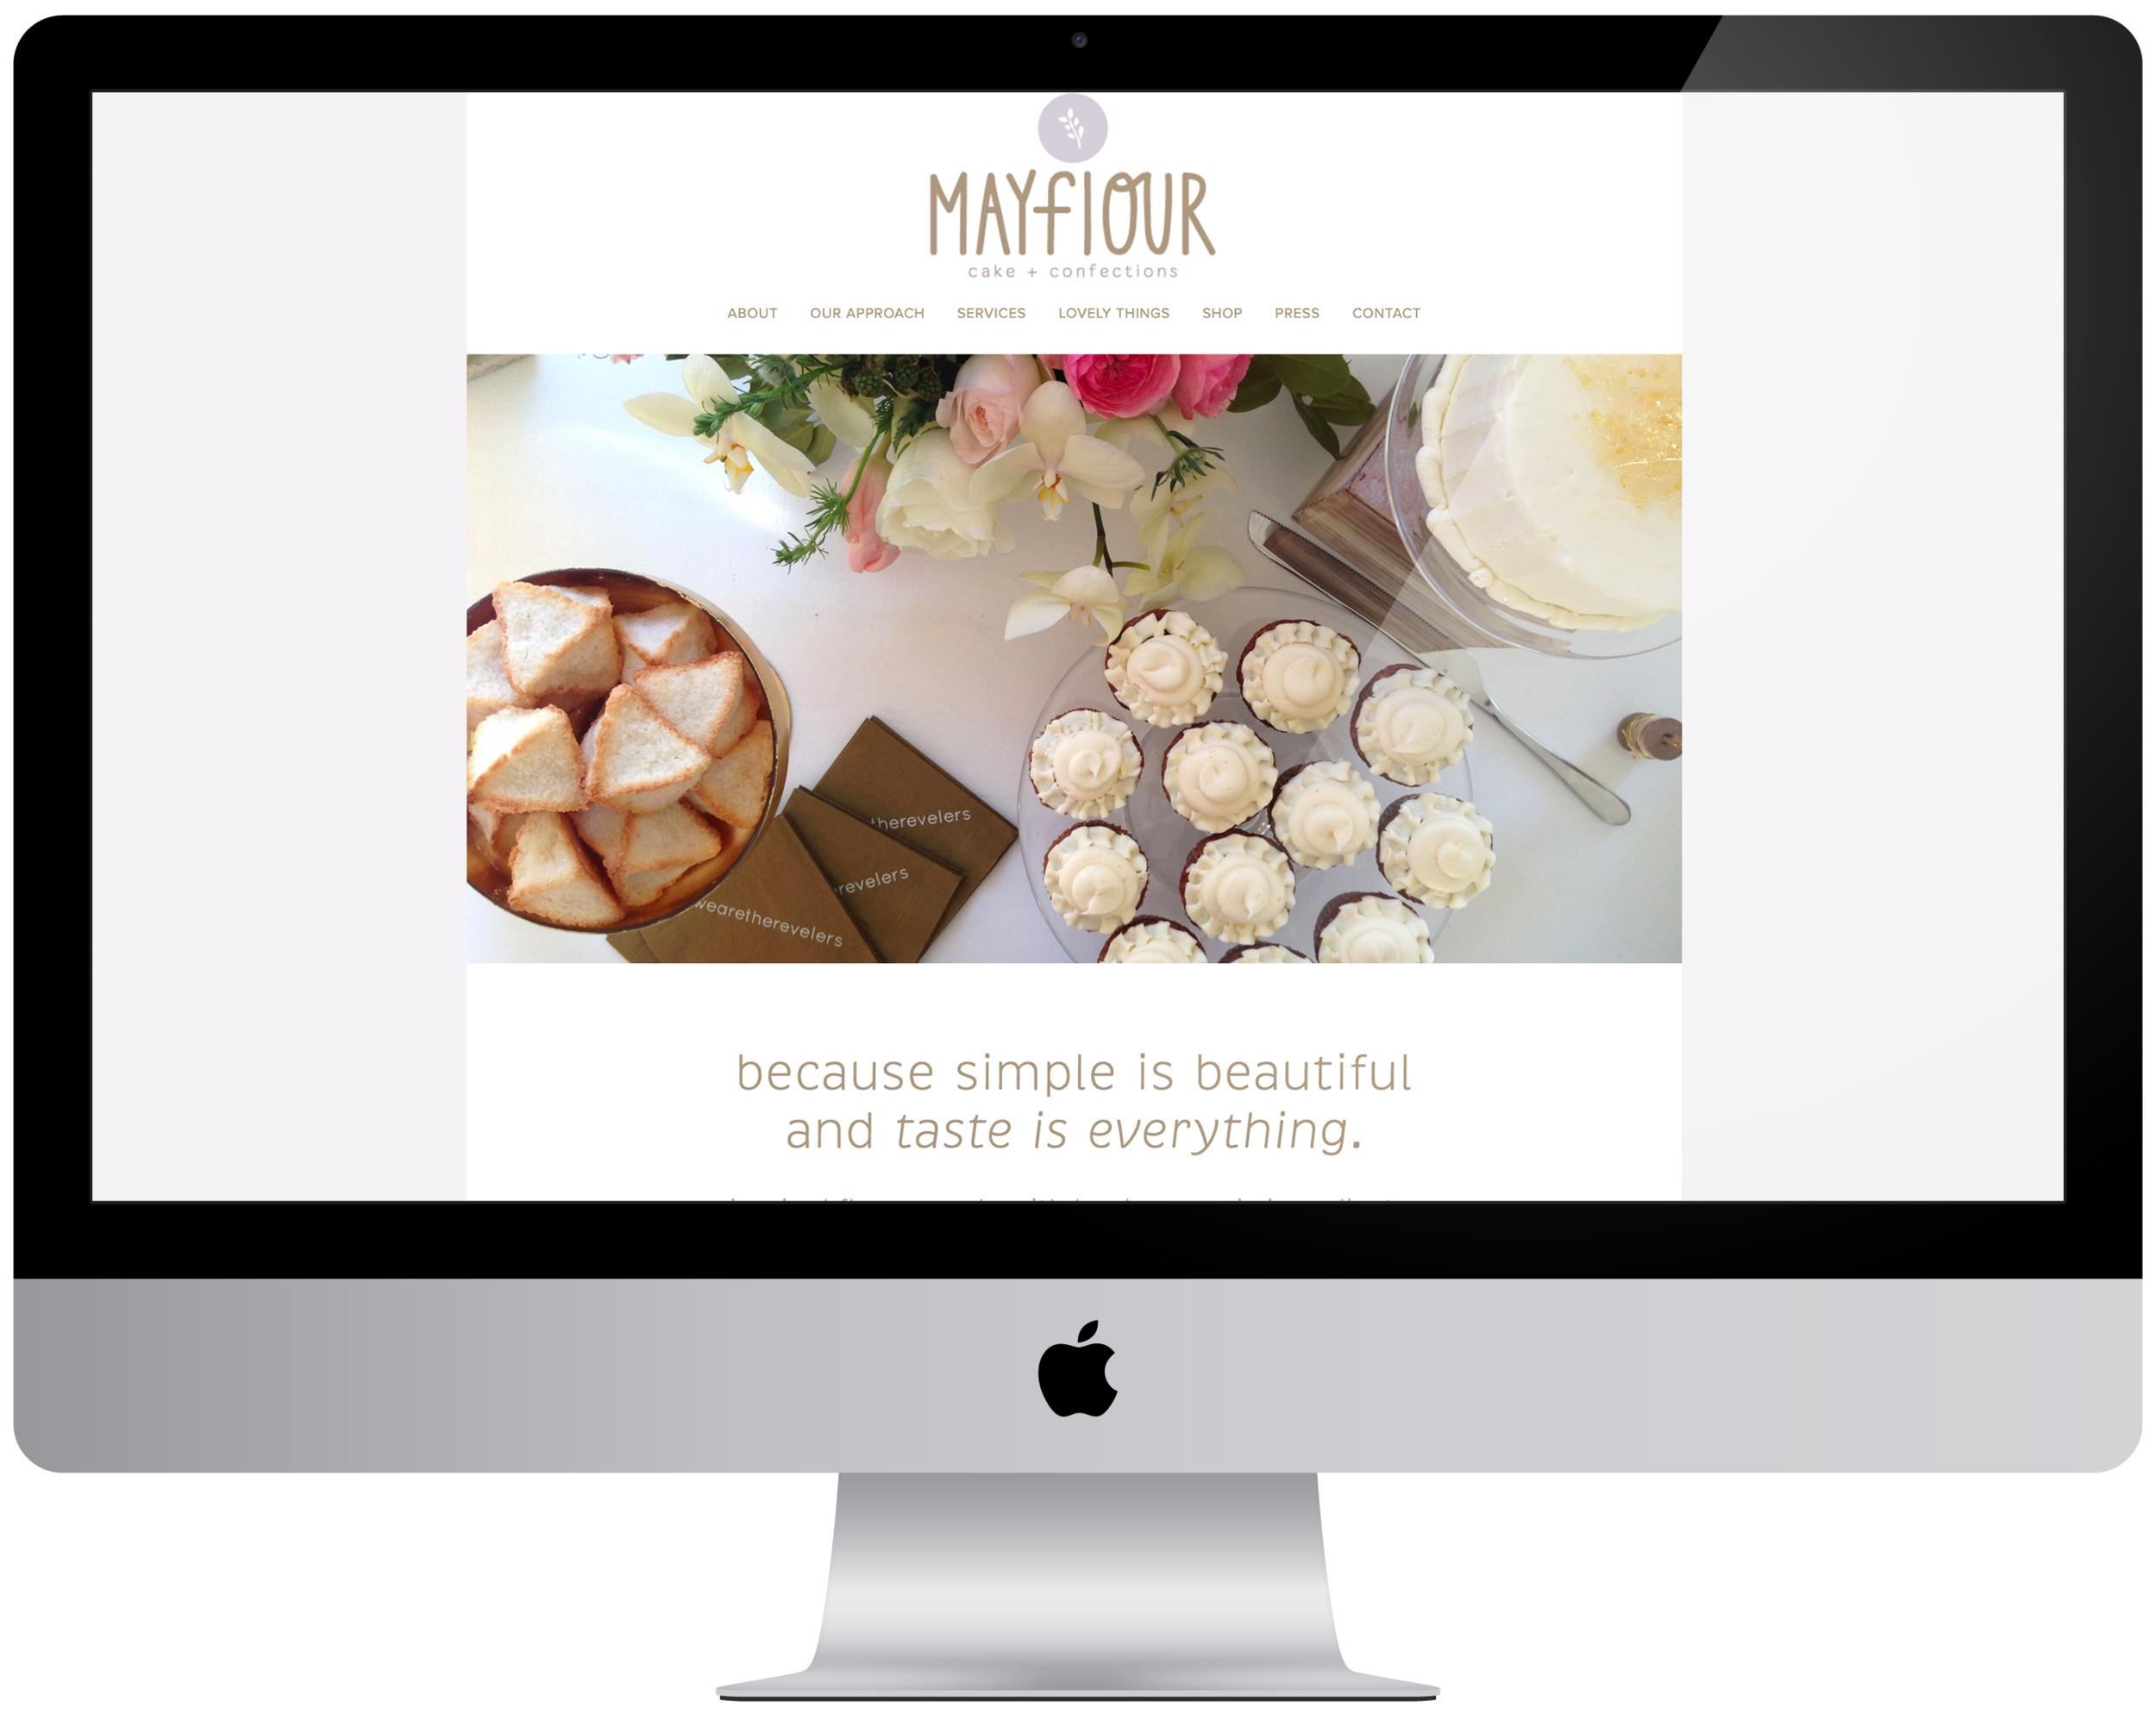 mayflour confections website